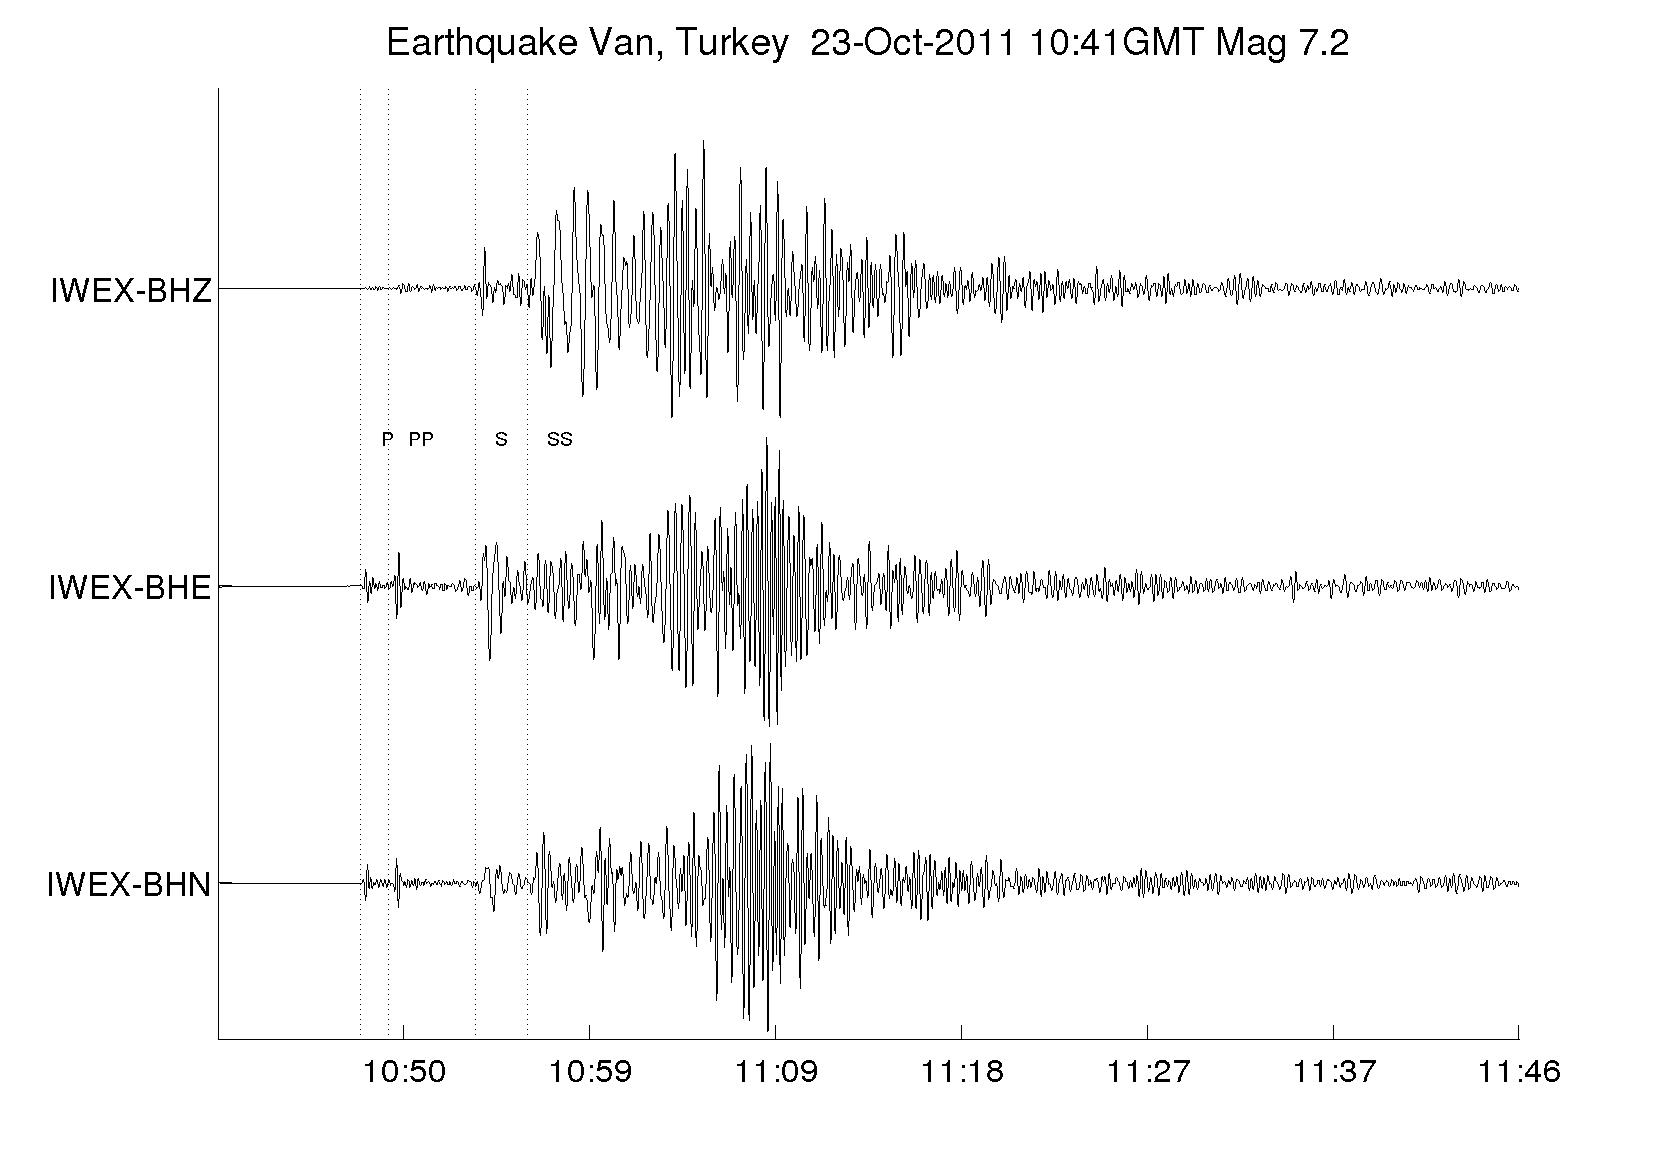 Turkey earthquake IWEX